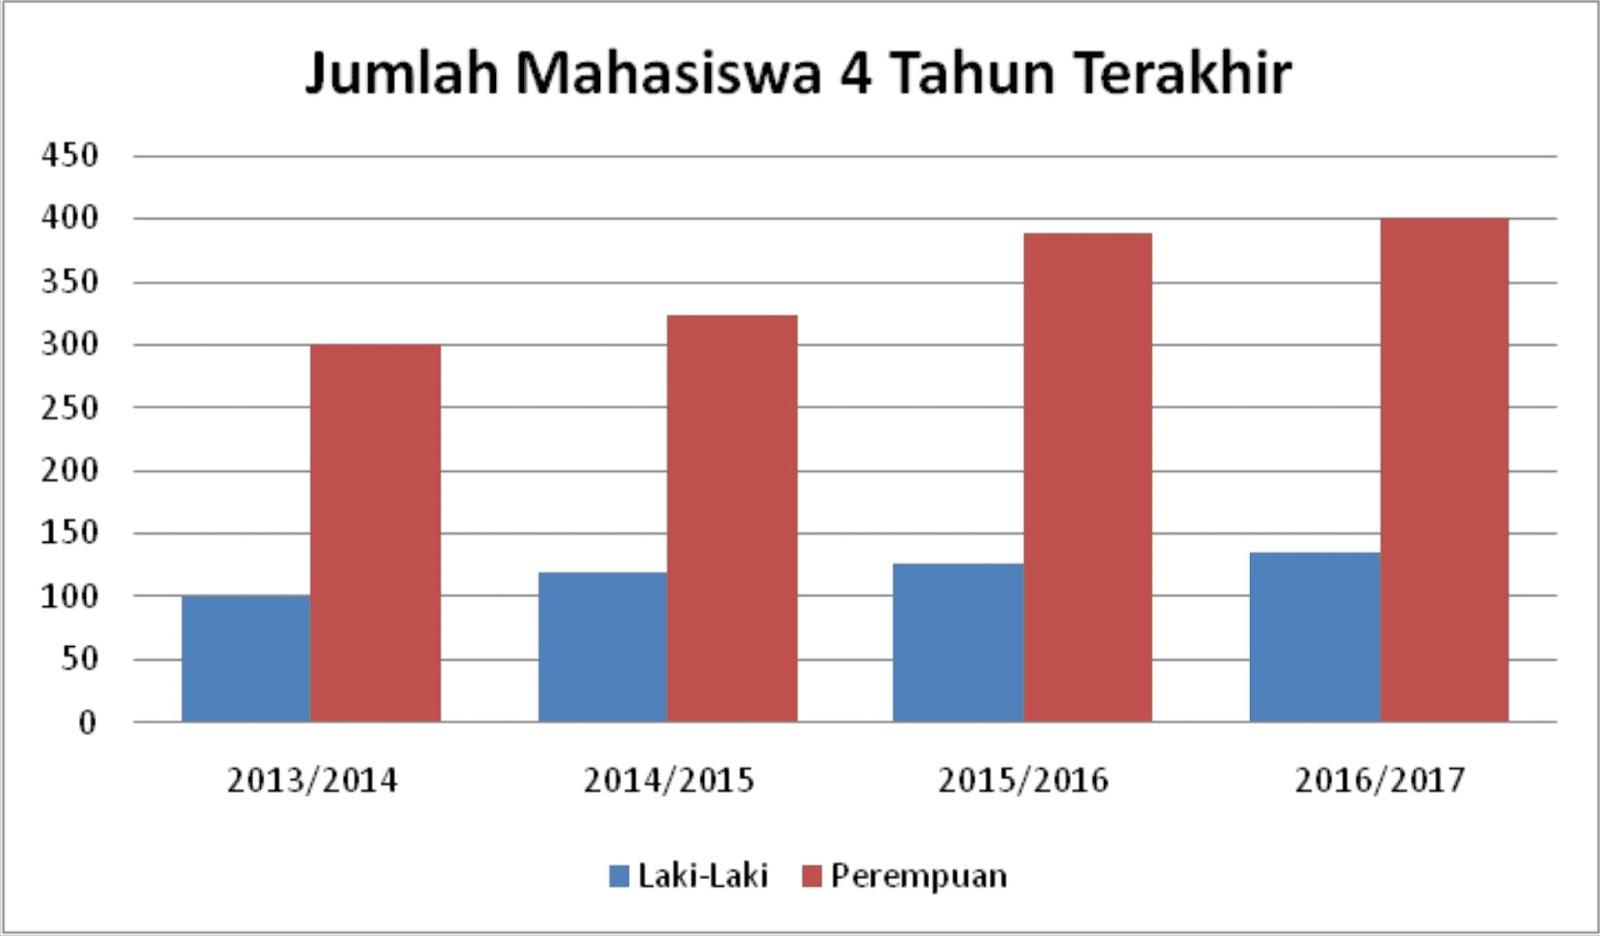 5 macam grafik paling mudah dalam menyajikan data statistika atau sensus jumlah penduduk pulau jawa tahun 2000 dan 2010 ccuart Gallery